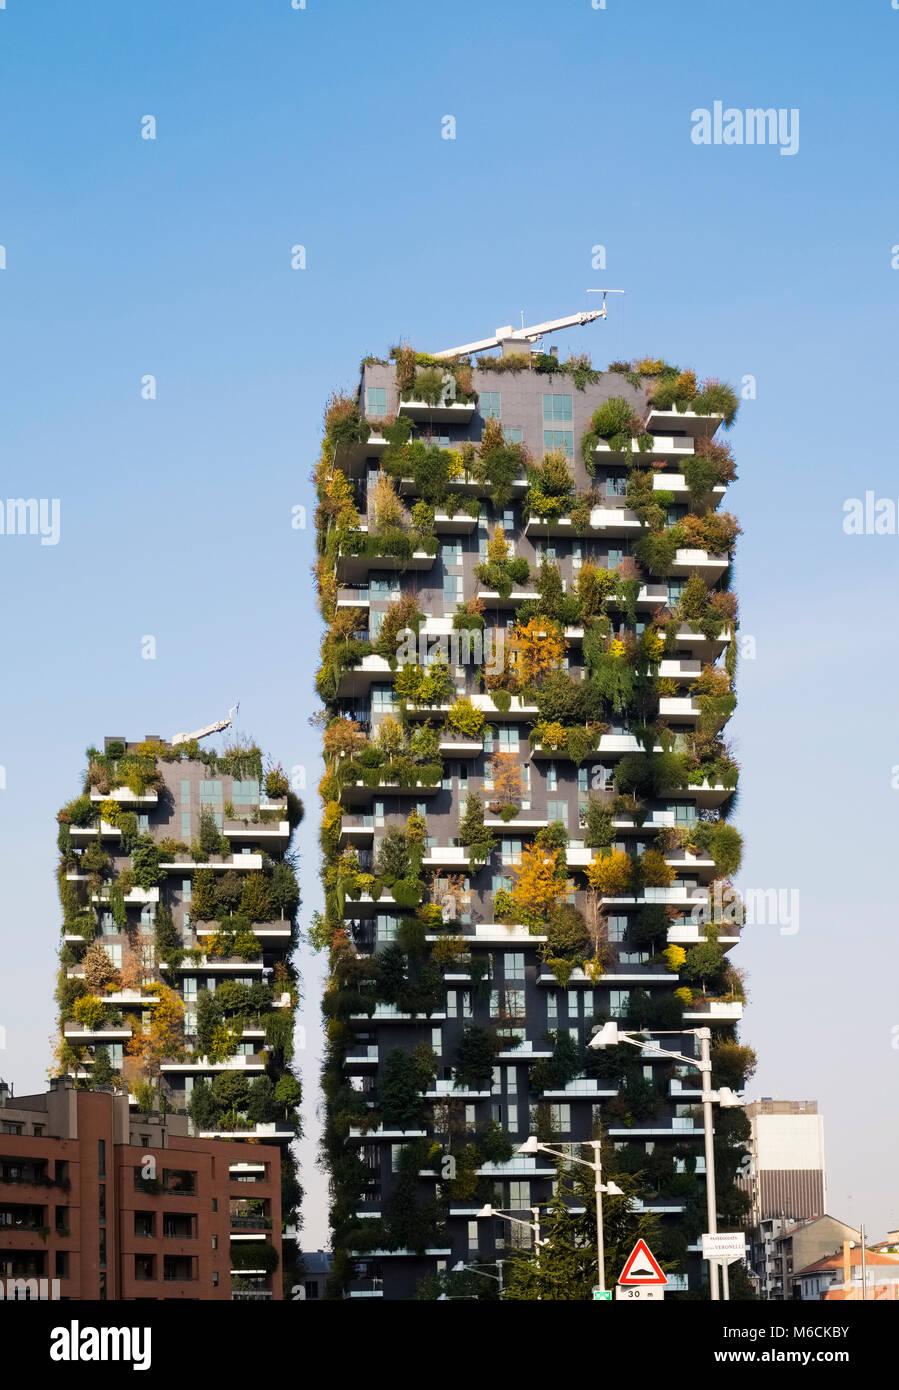 Bosco Verticale (Vertical) del bosque, galardonado torres en el residencial barrio Porta Nuova de Milán, Italia. Imagen De Stock